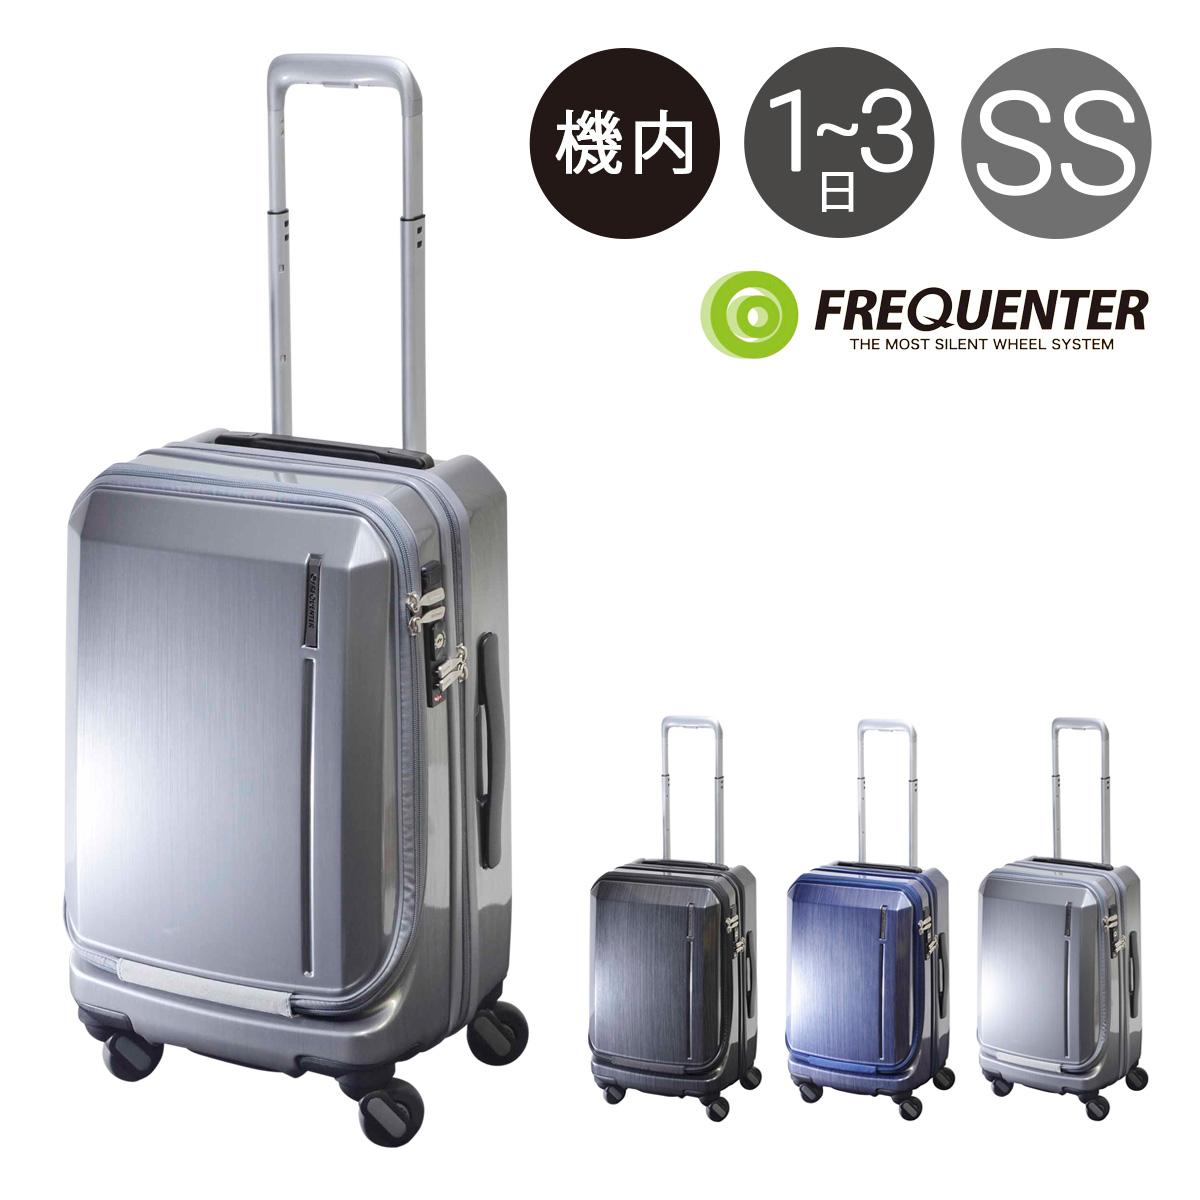 フリクエンター スーツケース 機内持ち込み 34L 48cm 3.6kg グランド 1-360 FREQUENTER ハード ファスナー ビジネスキャリー キャリーバッグ キャリーケース フロントオープン ストッパー付き 静音 TSAロック搭載